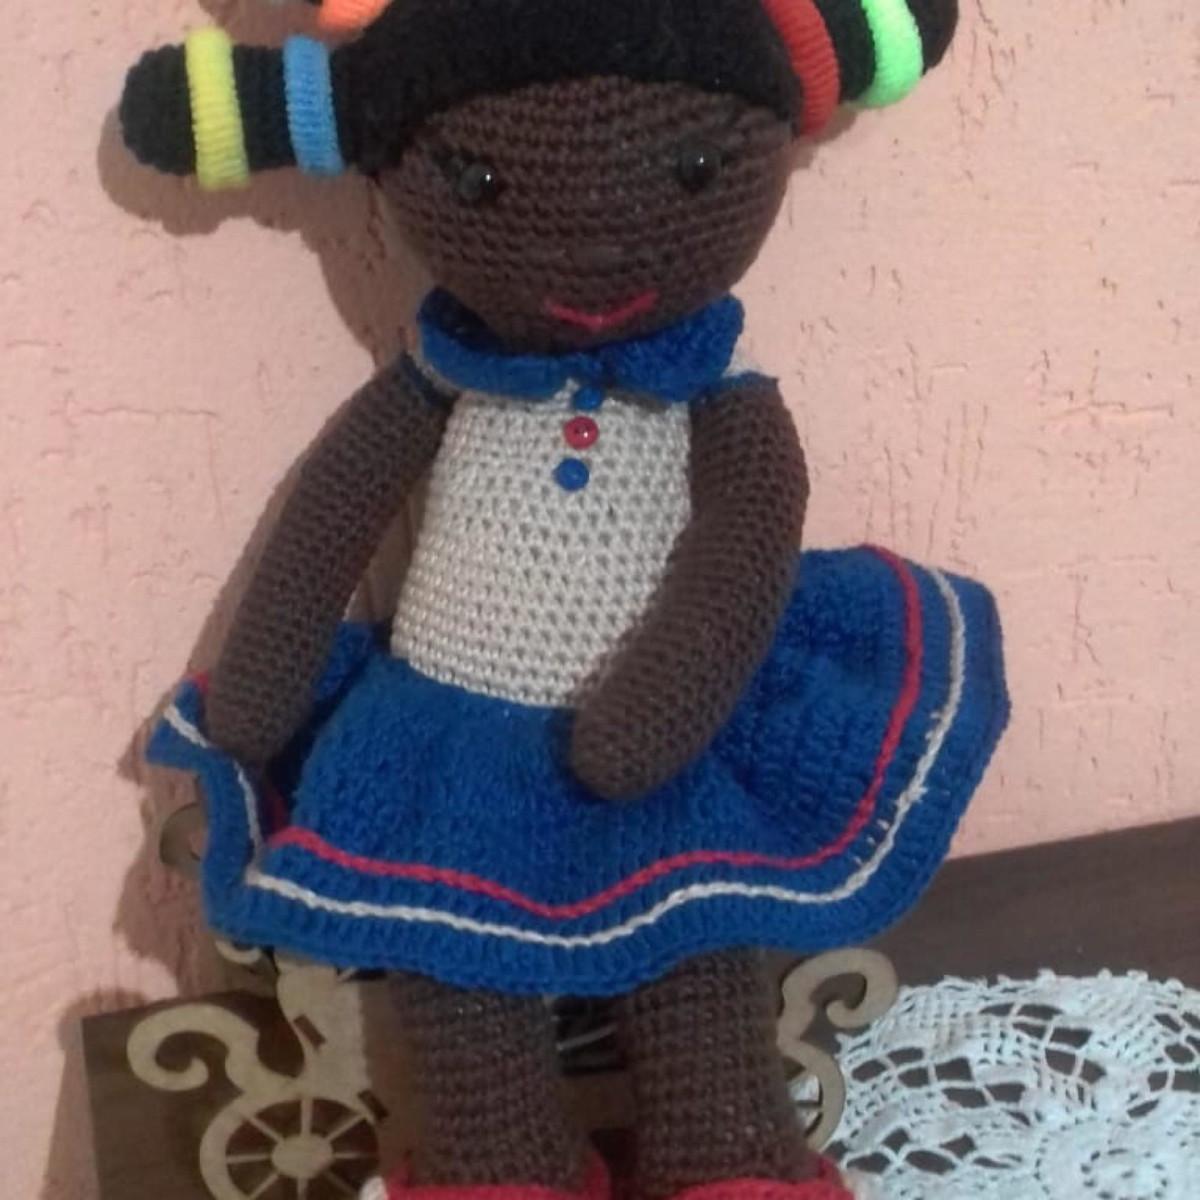 Crochet doll Rose amigurumi tutorial | Amiguroom Toys | 1200x1200